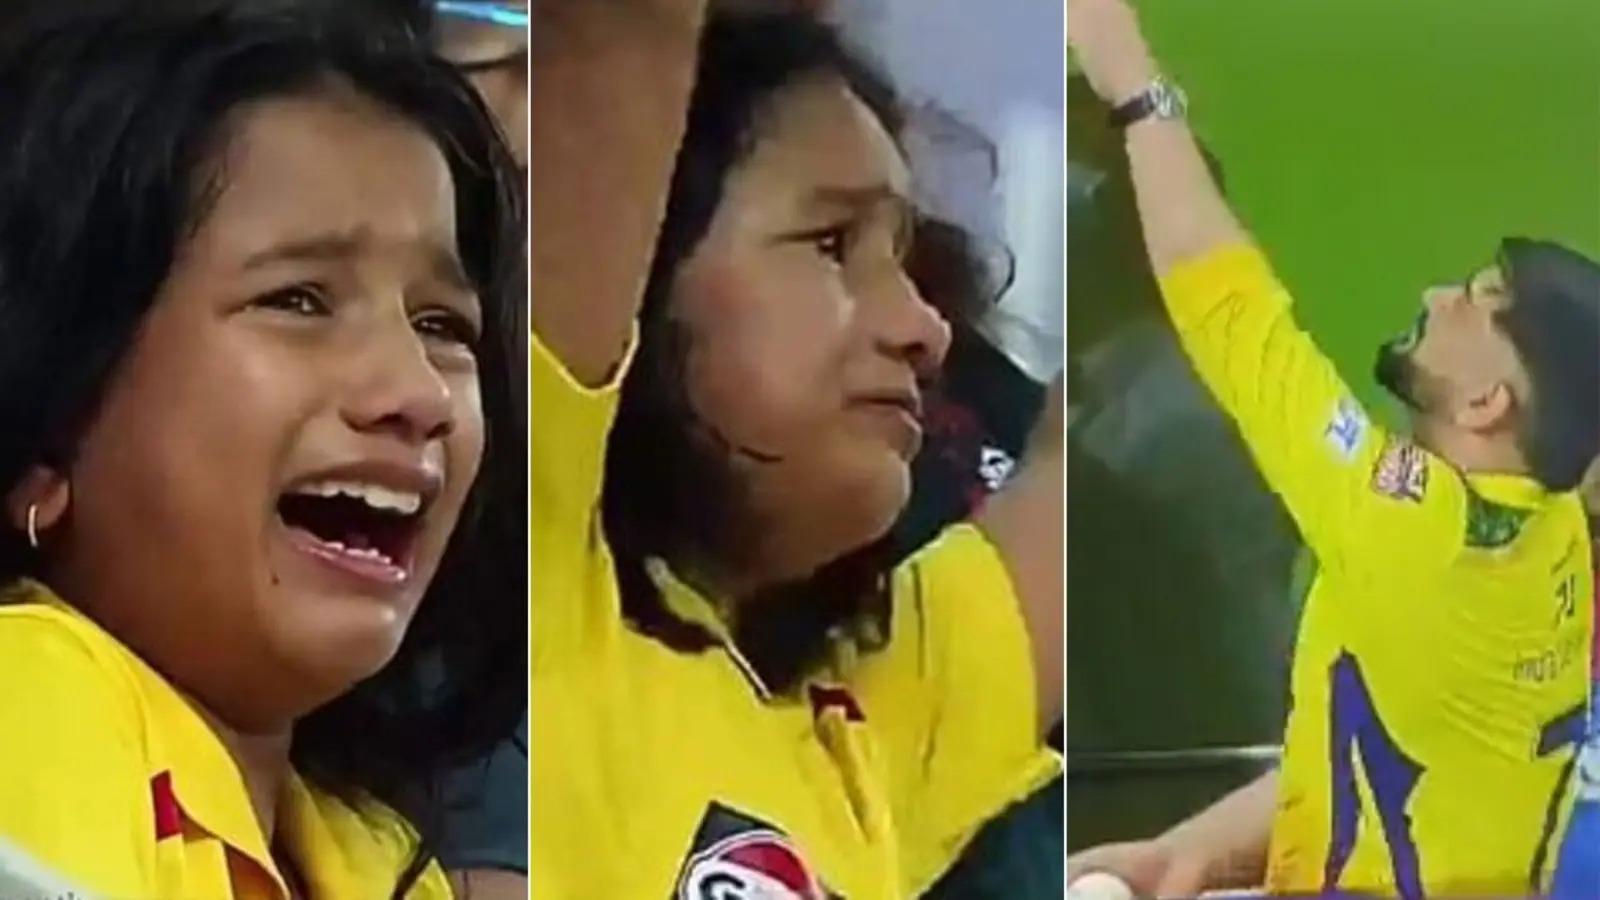 IPL 2021: चेन्नई सुपर किंग्स की जीत के लिए फूट-फूट पर रोने वाले लड़की ने जीता माही का दिल, मैच के बाद धोनी से मिला ख़ास गिफ्ट 2